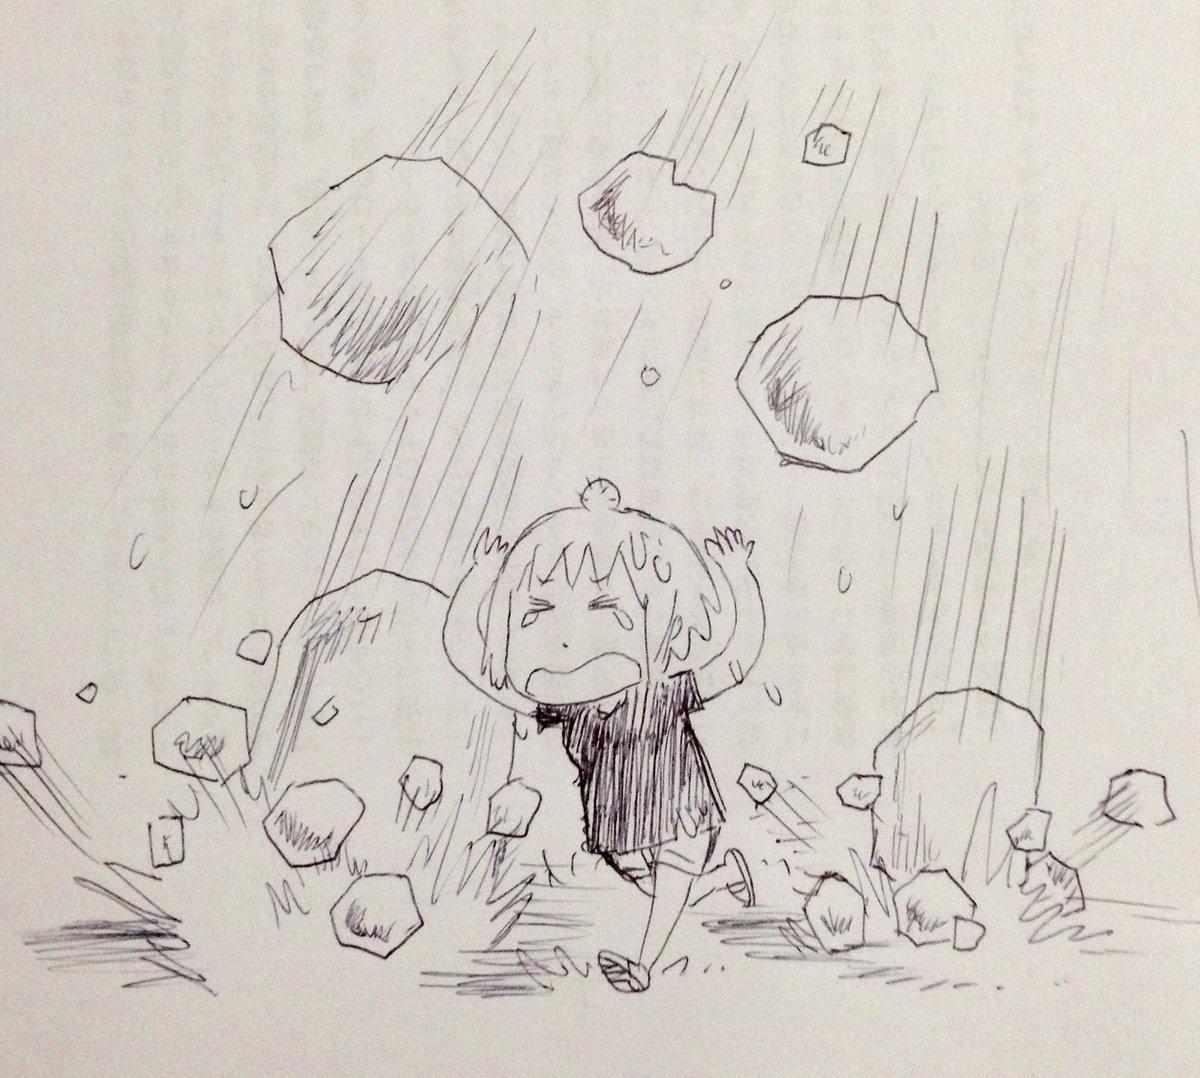 【動画】東京にやばいレベルの雹が降ってきて大騒ぎにwwwwwwwwwwのサムネイル画像